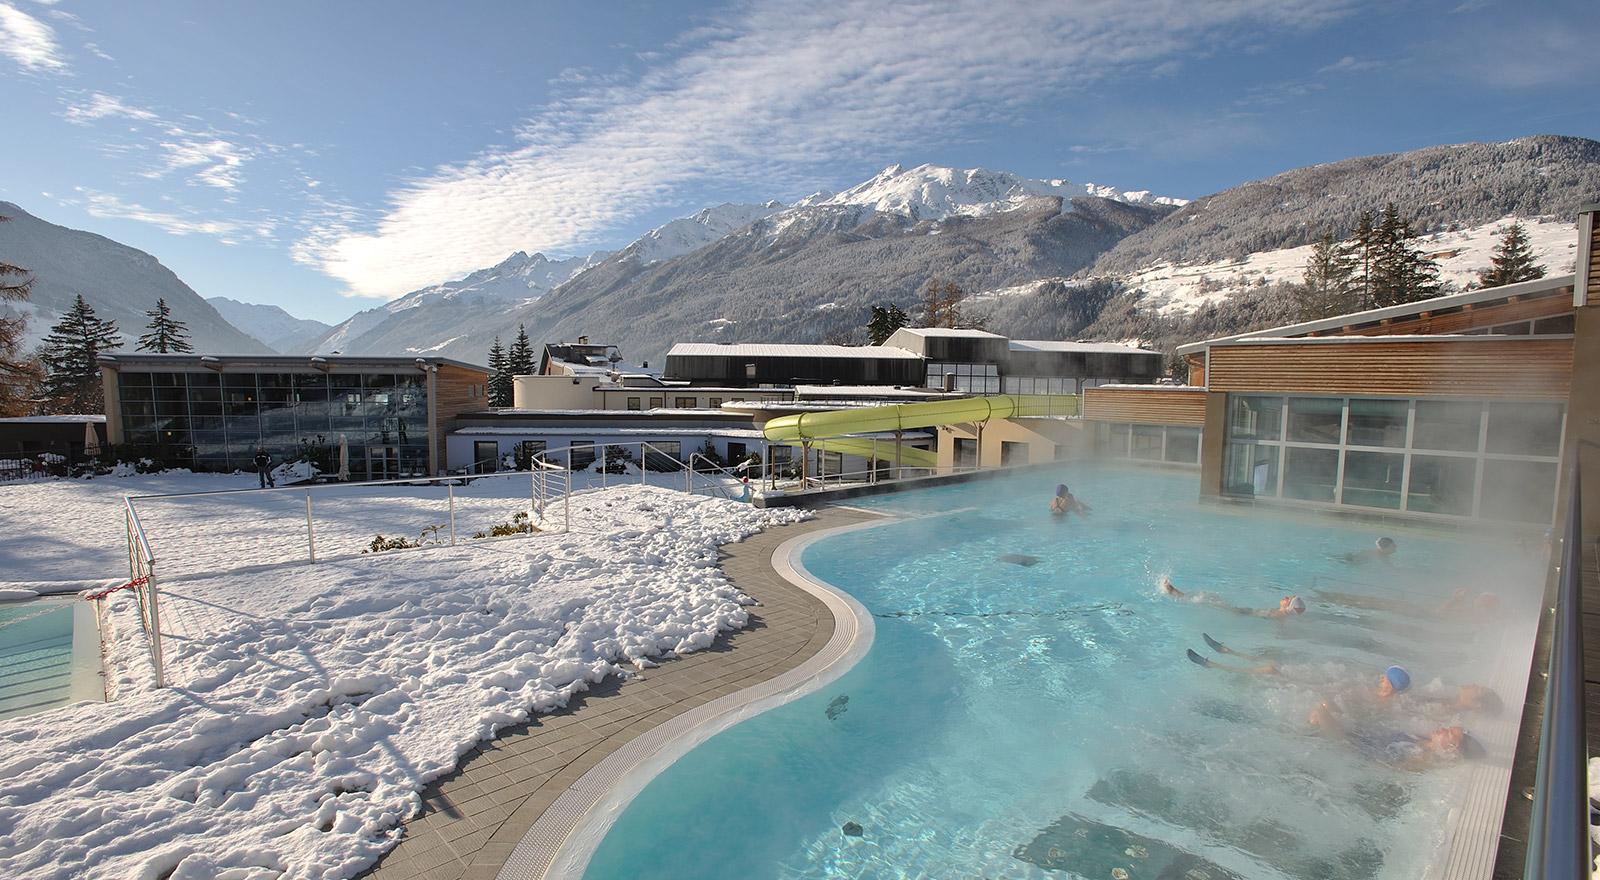 Terme di bormio hotel convenzionato con le terme di - Terme bormio bagni vecchi offerte ...